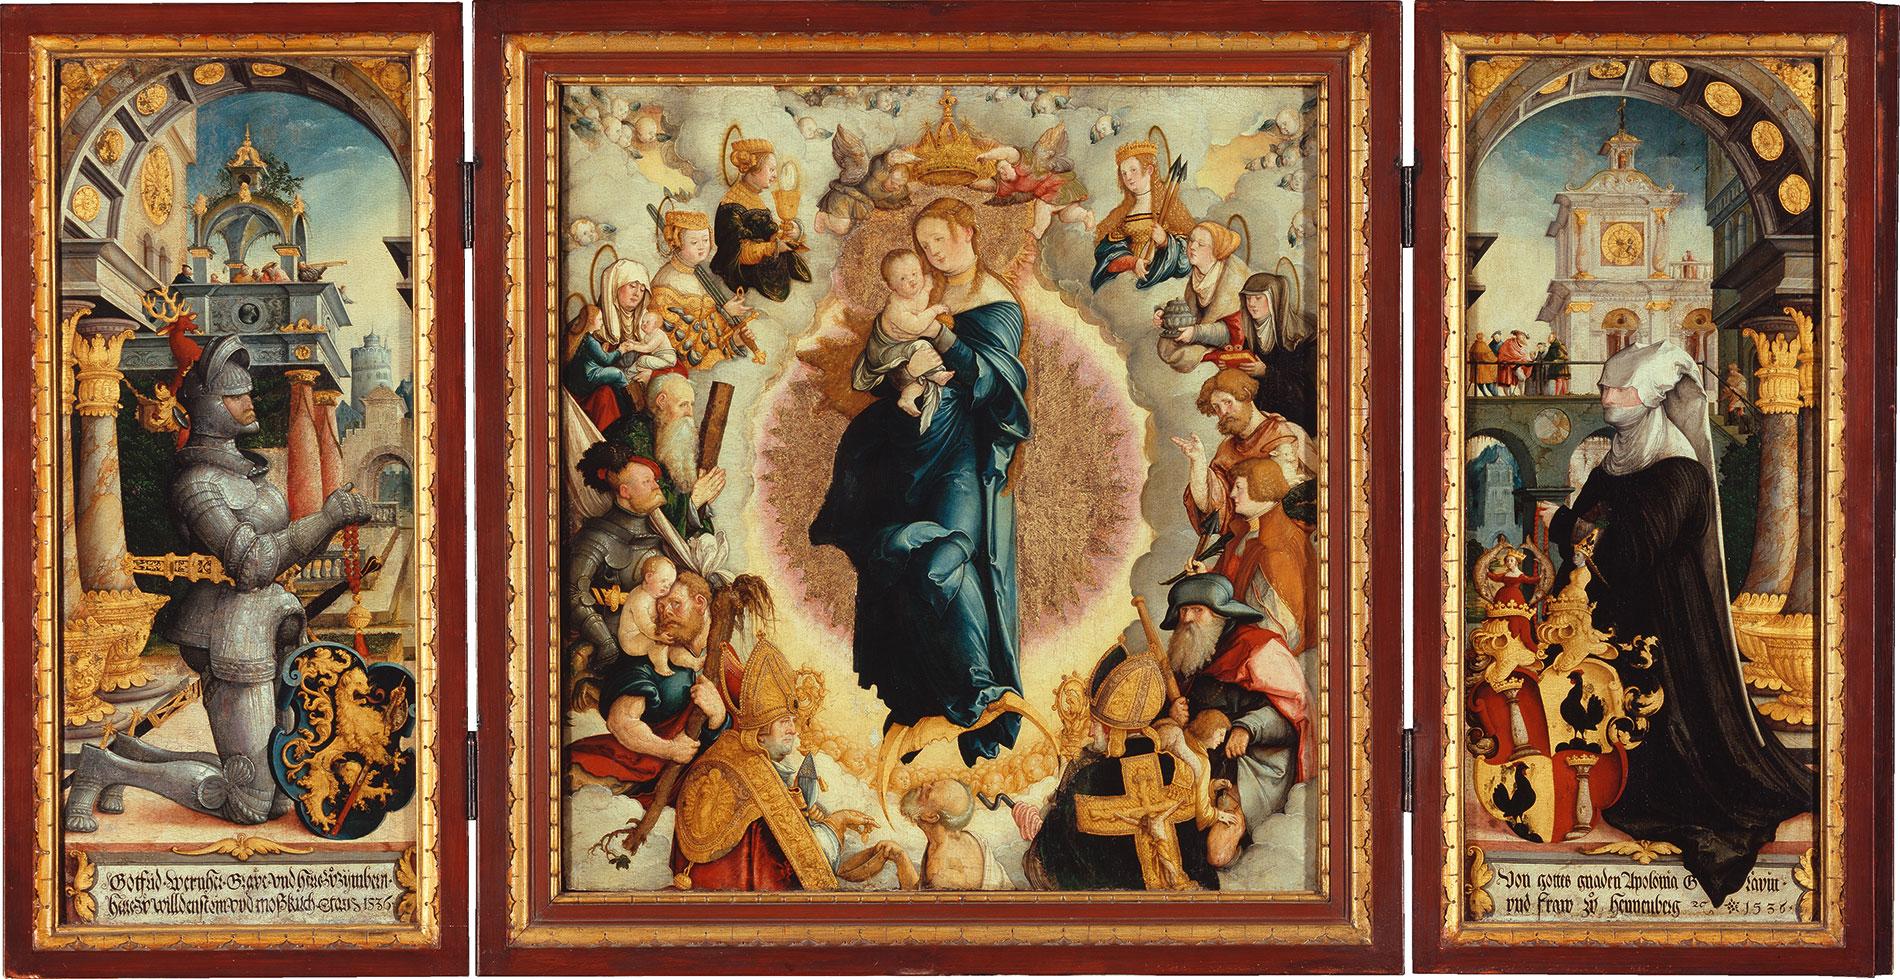 Meister von Meßkirch, Wildensteiner Altar im geöffneten Zustand, 1536, Mitteltafel 64 × 60 cm, Drehflügel je 68 × 28 cm; Staatsgalerie Stuttgart